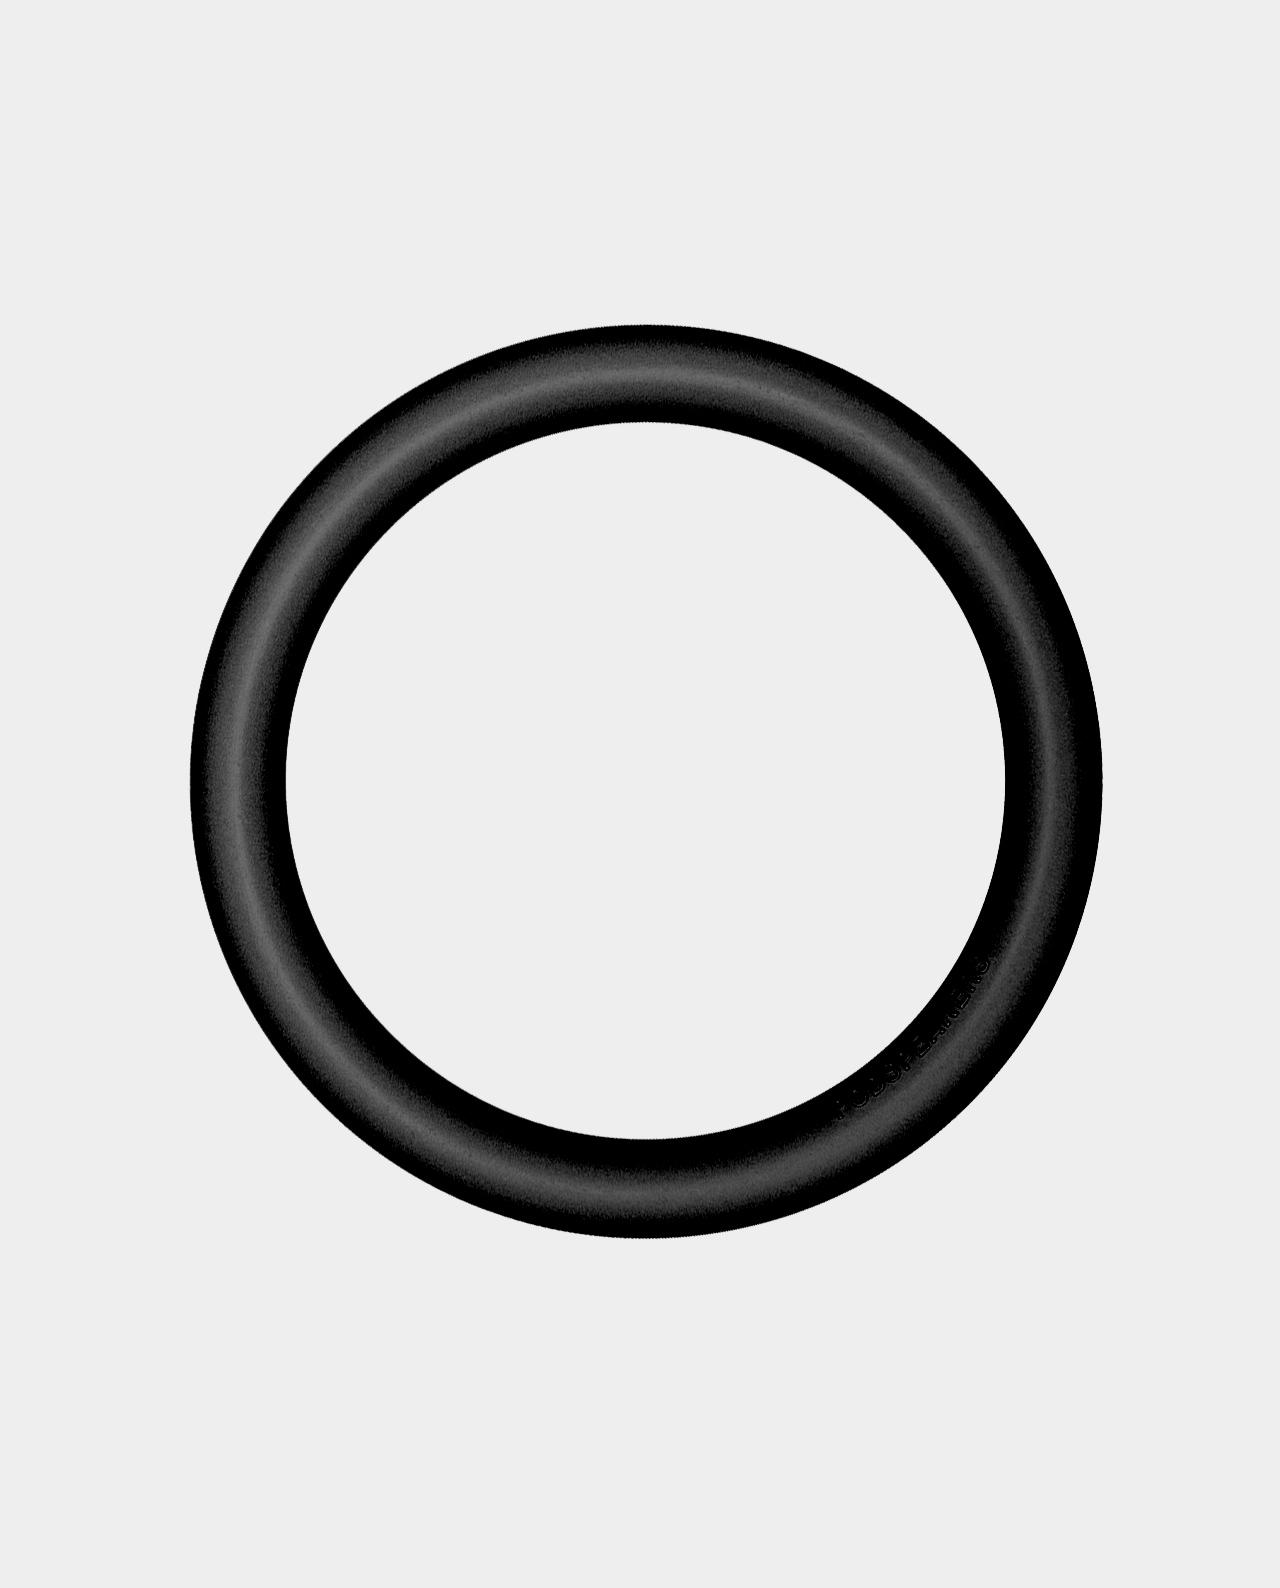 Podspeakers Alu Hoop für MiniPod MK IV und BT schwarz